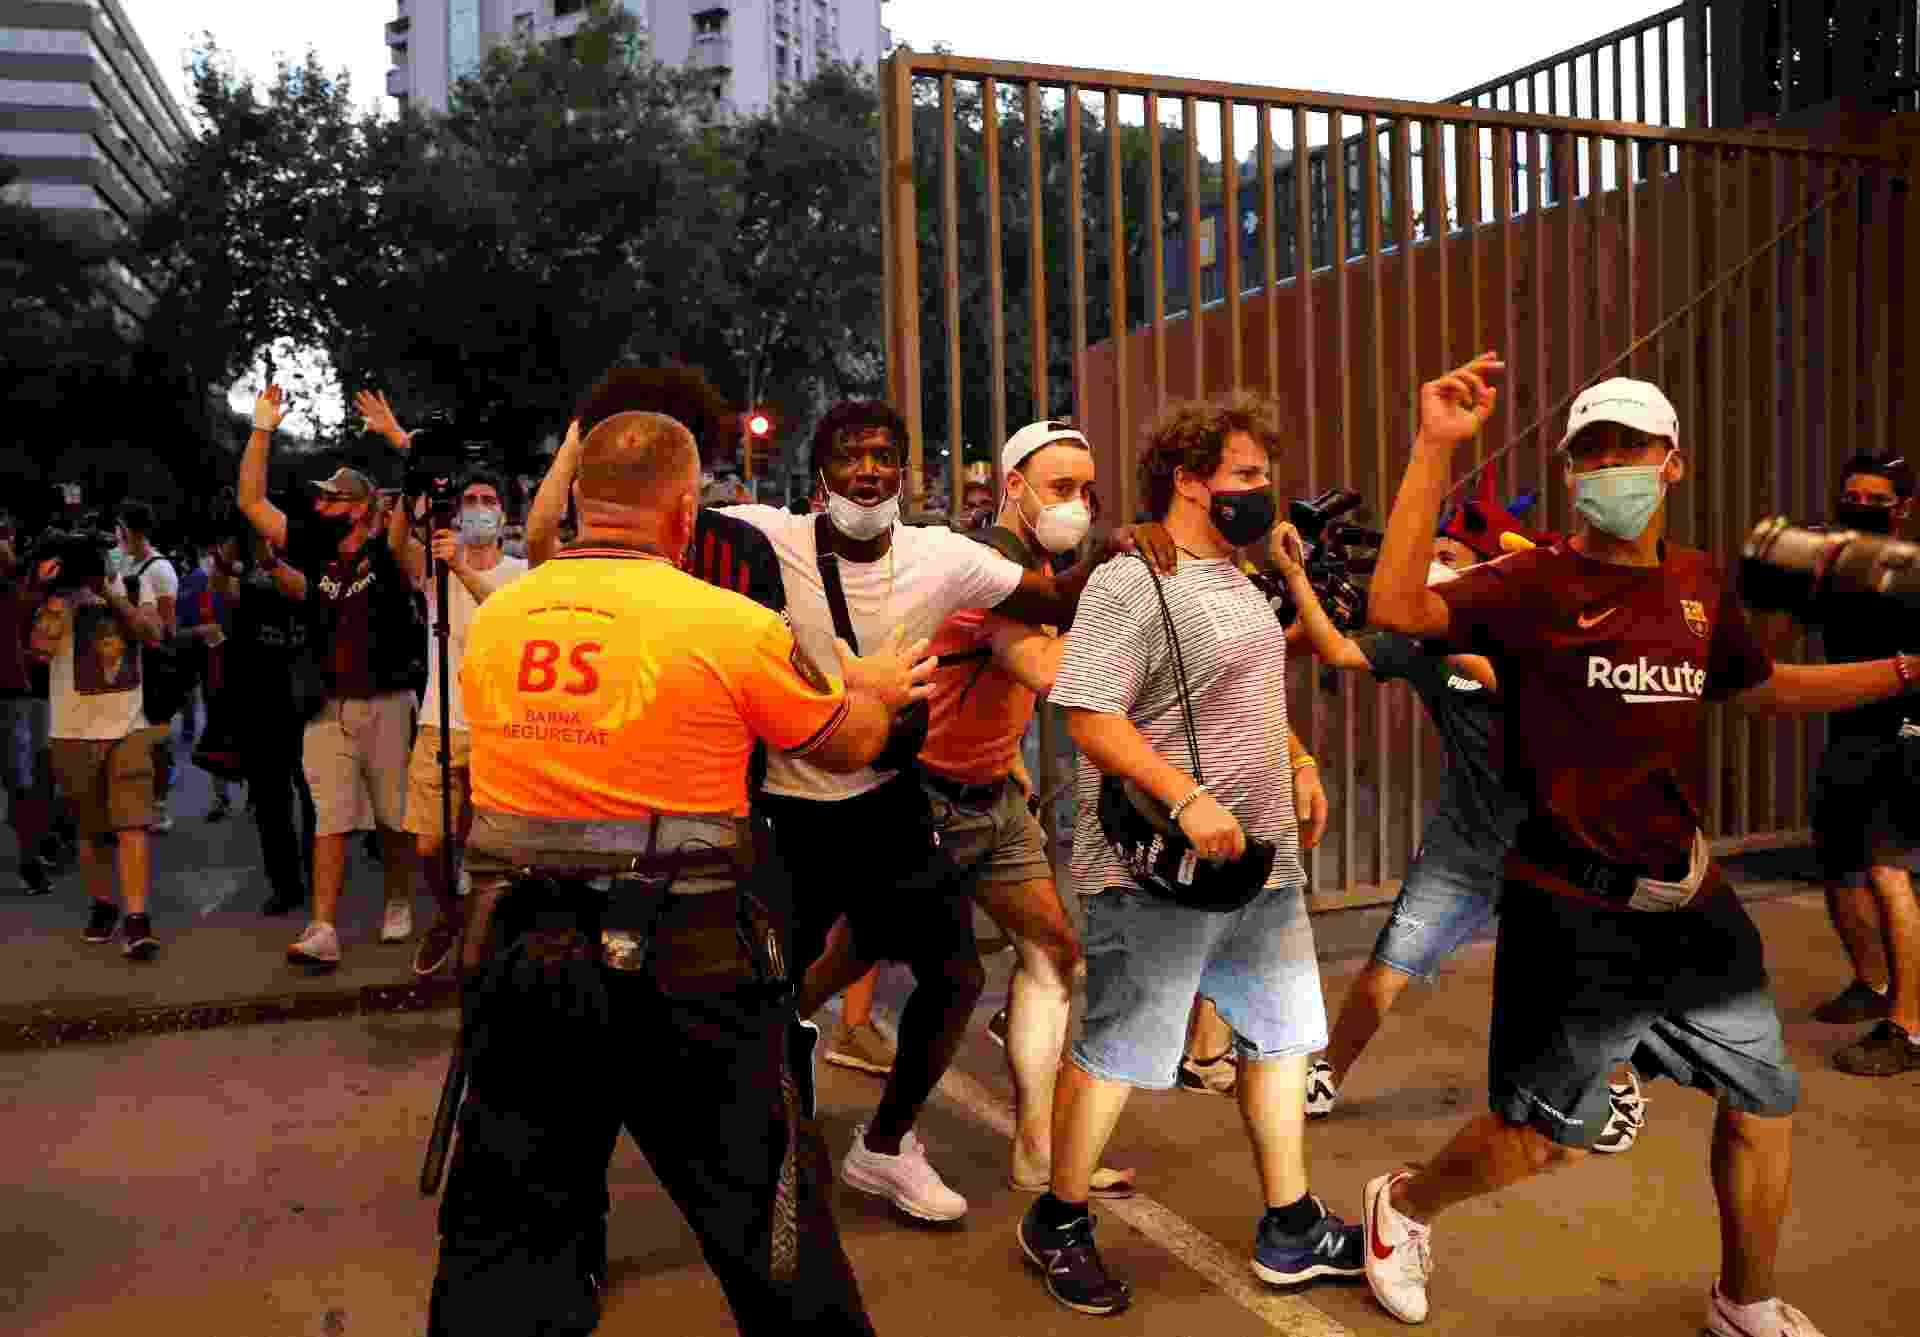 Torcedores do Barcelona invadem entrada do Camp Nou em protesto - REUTERS/Nacho Doce